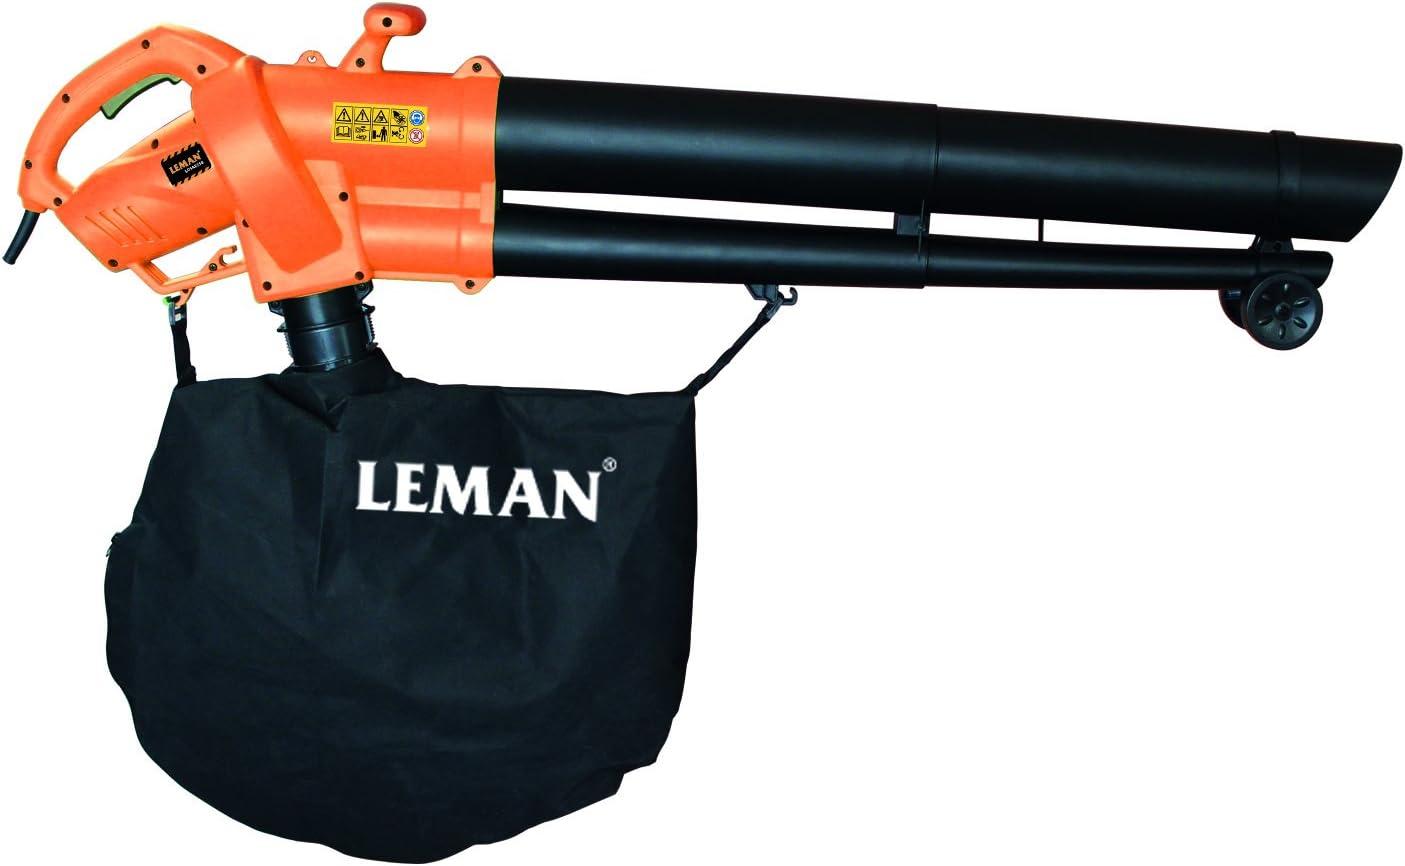 Leman LOSAE250 Soplador/aspirador/triturador (2500 W): Amazon.es: Bricolaje y herramientas